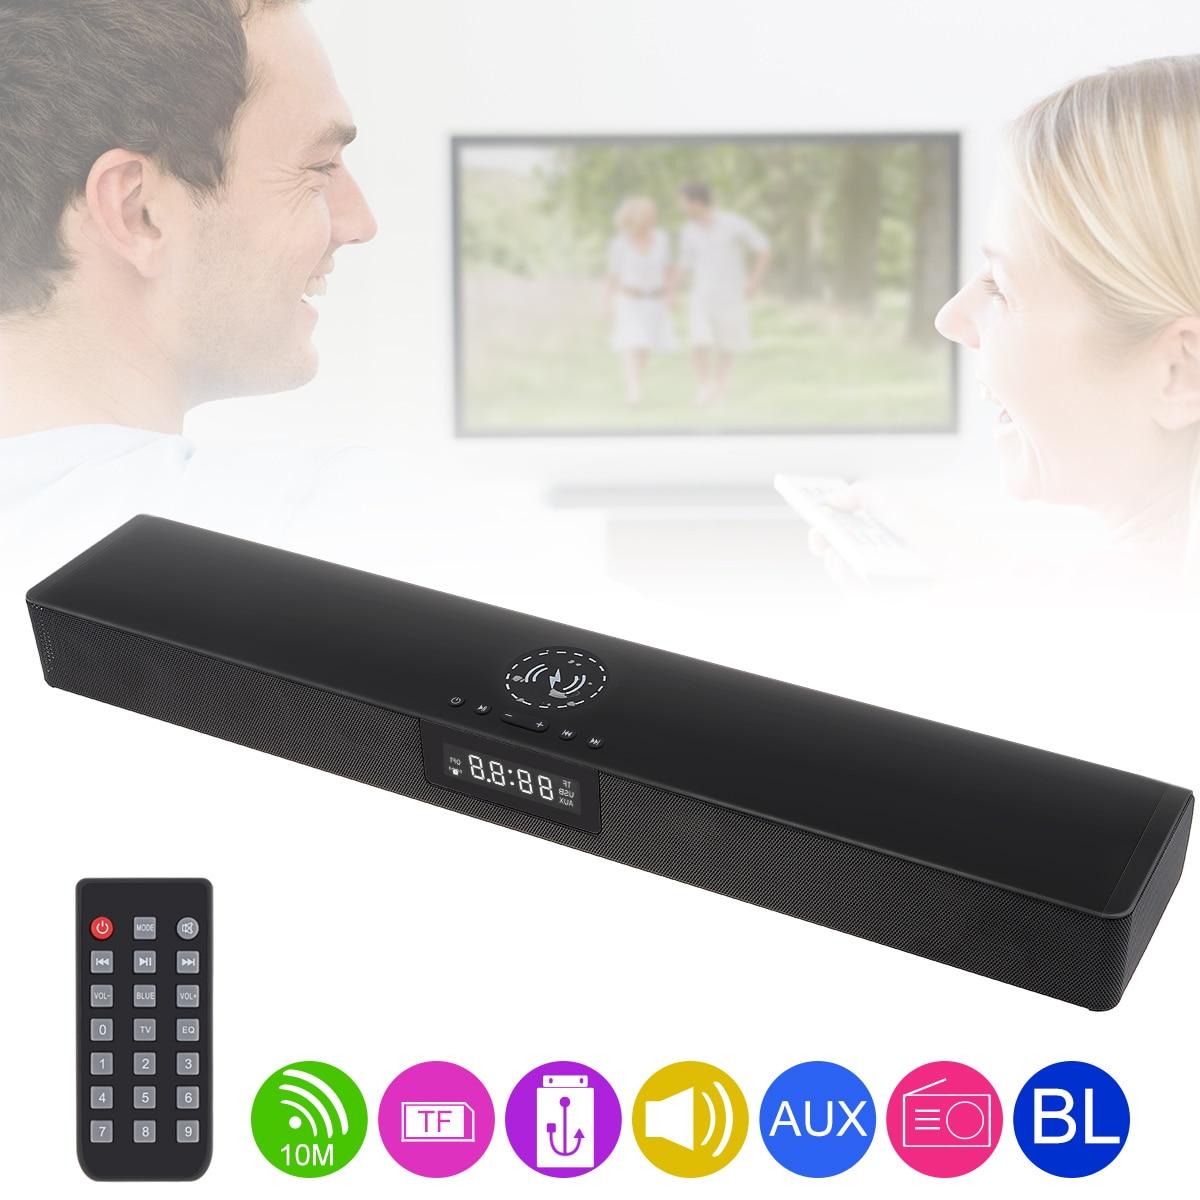 Haut-parleur de barre de son Bluetooth multifonction Sensurround Home cinéma de BS-39B avec charge sans fil et réveil pour PC/TV